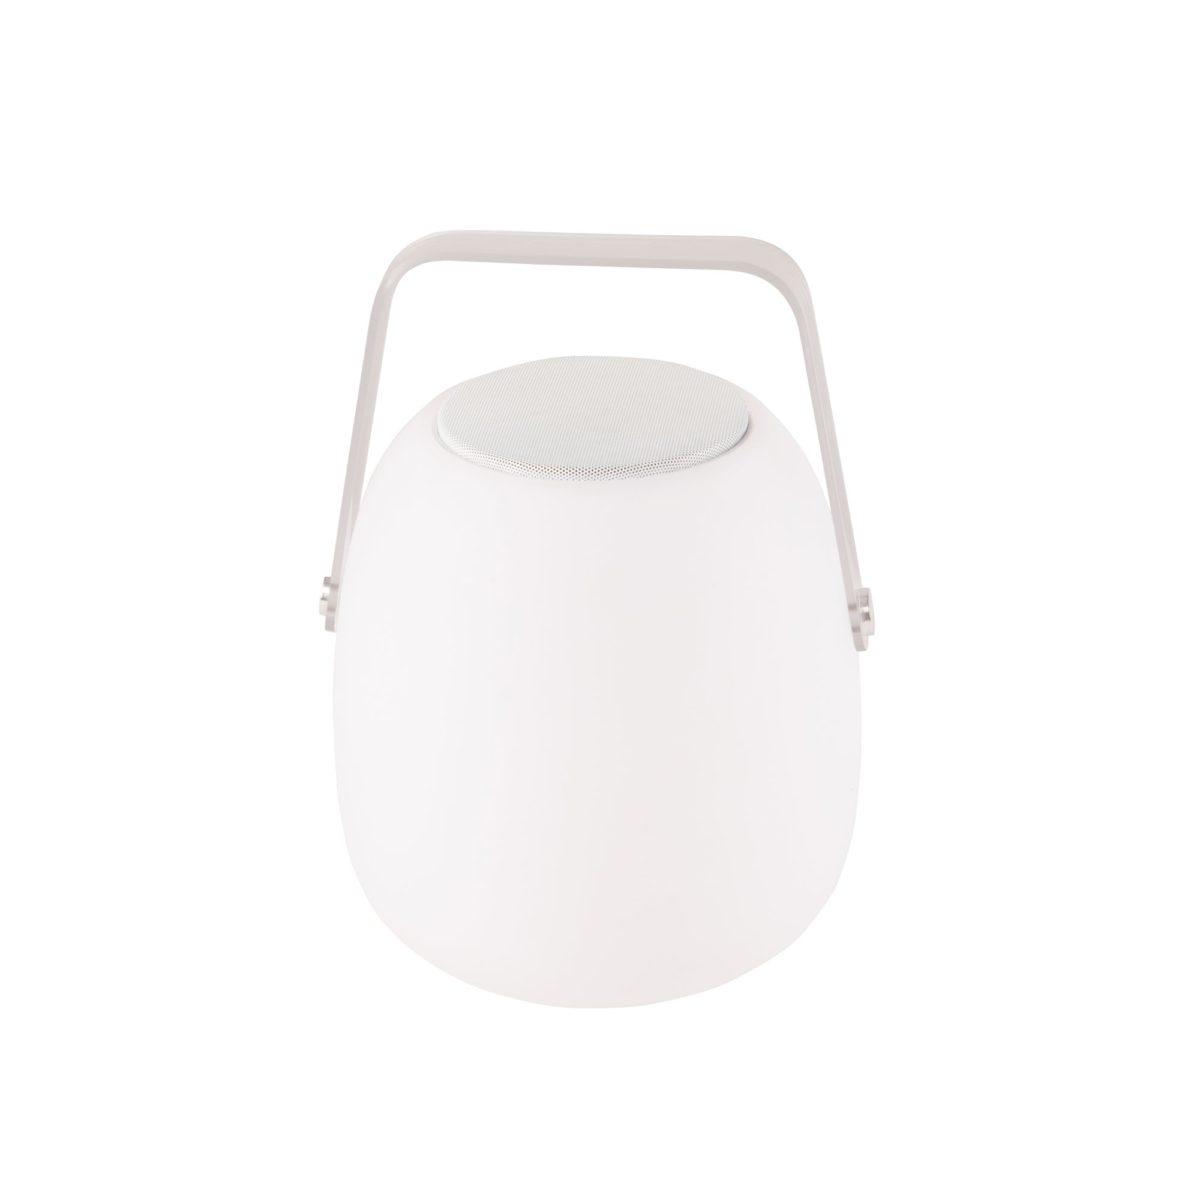 Mooni Opal Speaker Light Lantern